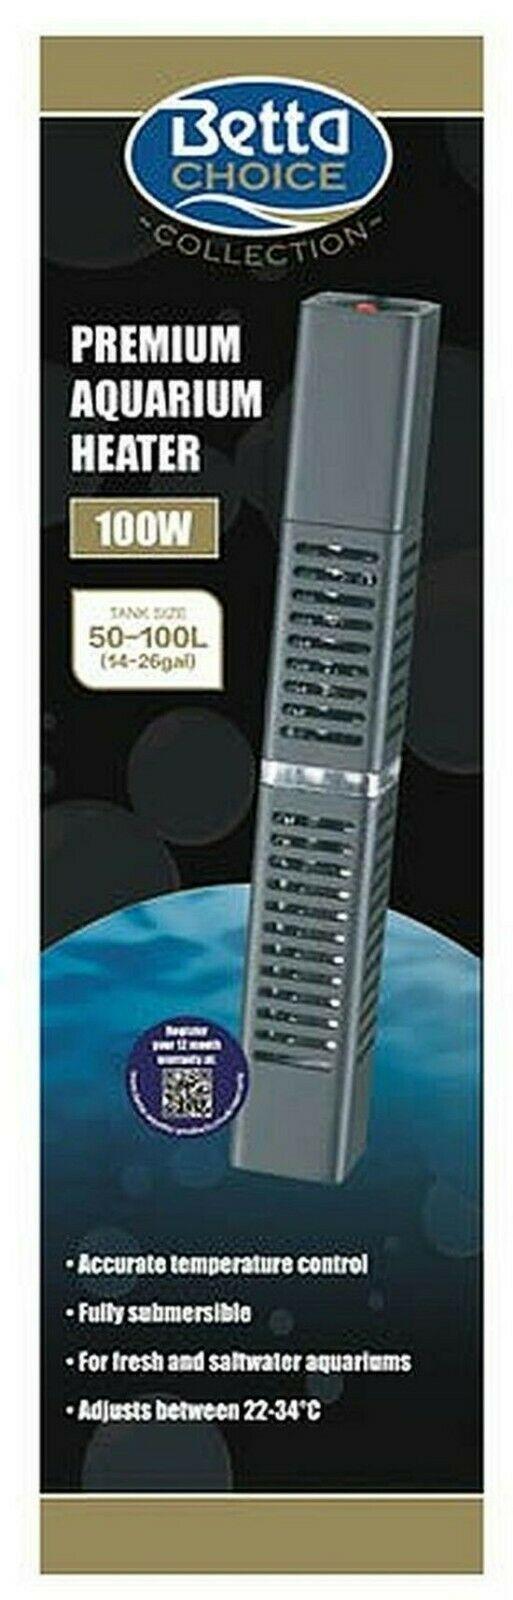 Betta Premium Aquarium Heater 100w